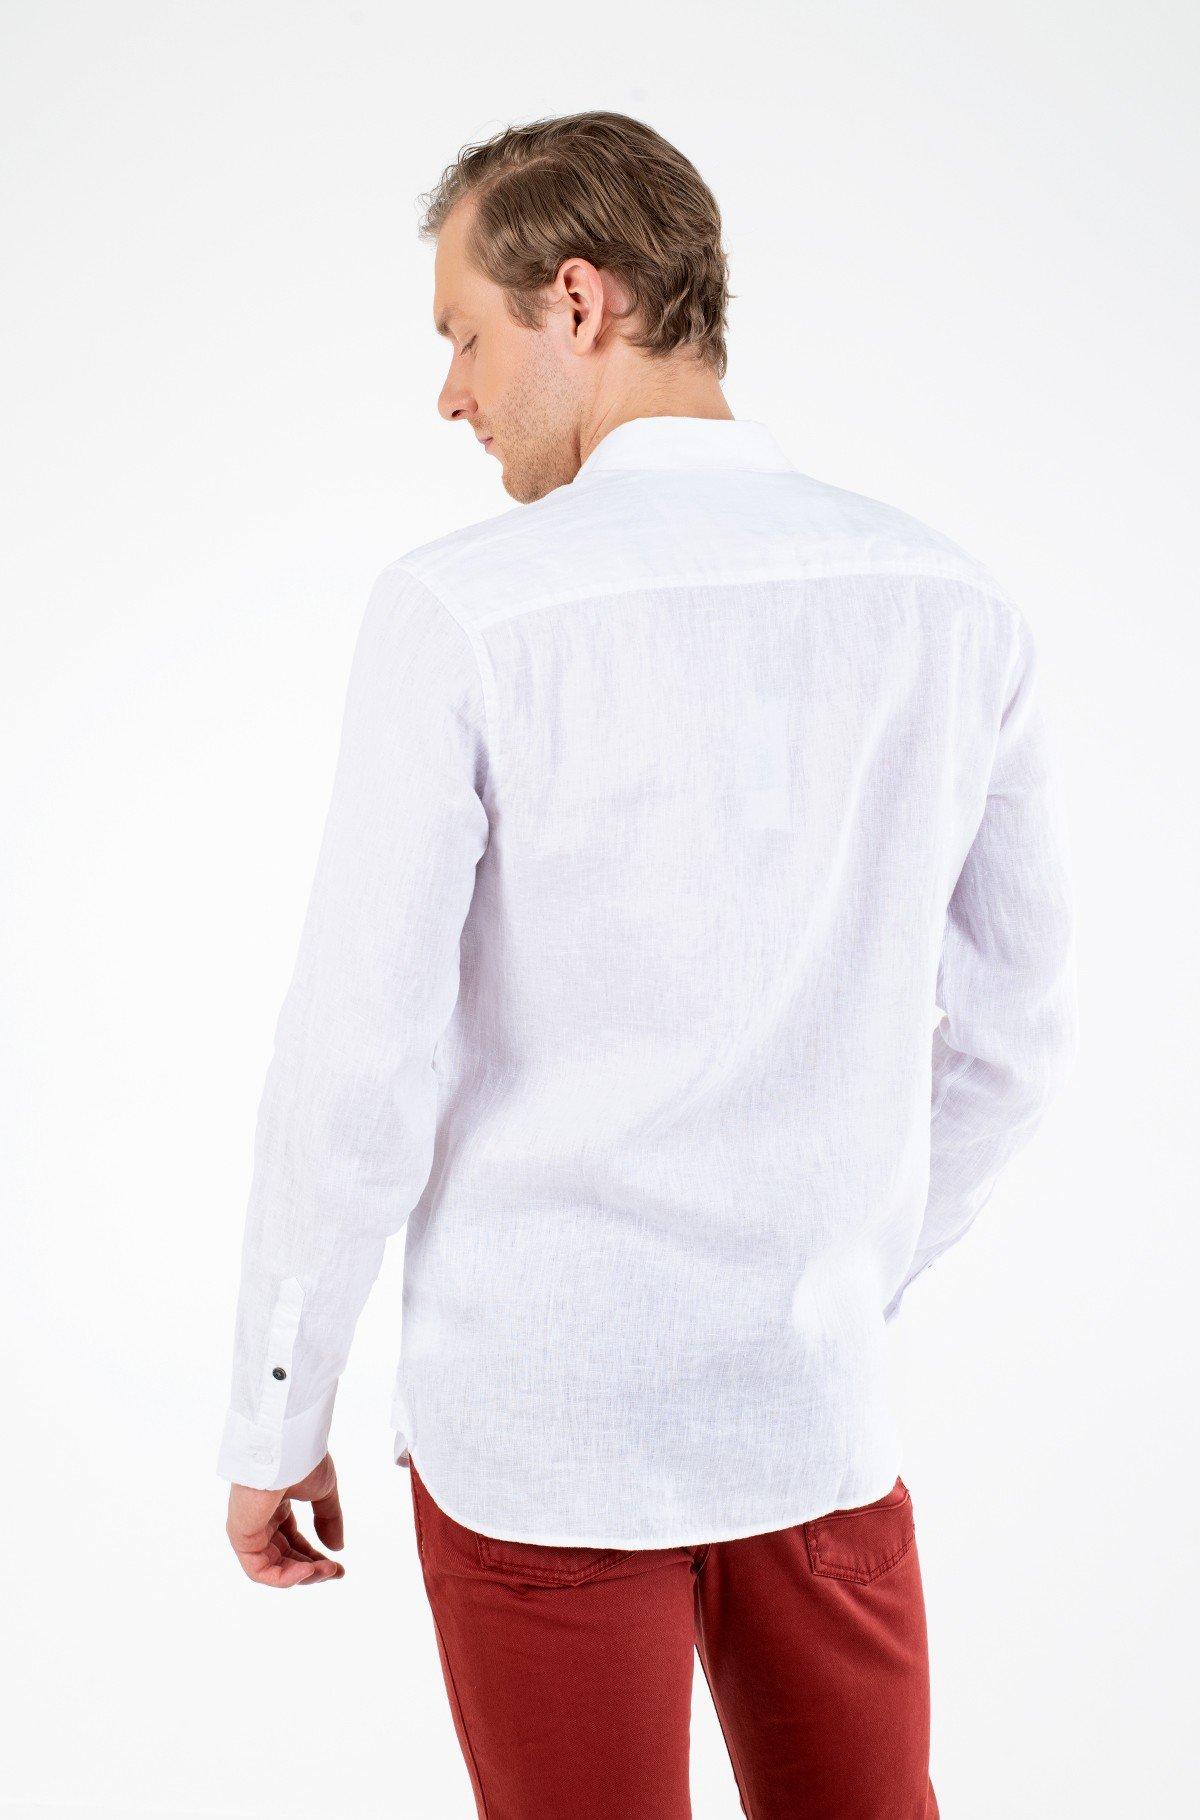 Lininiai marškiniai M02H46 WBGX0-full-2